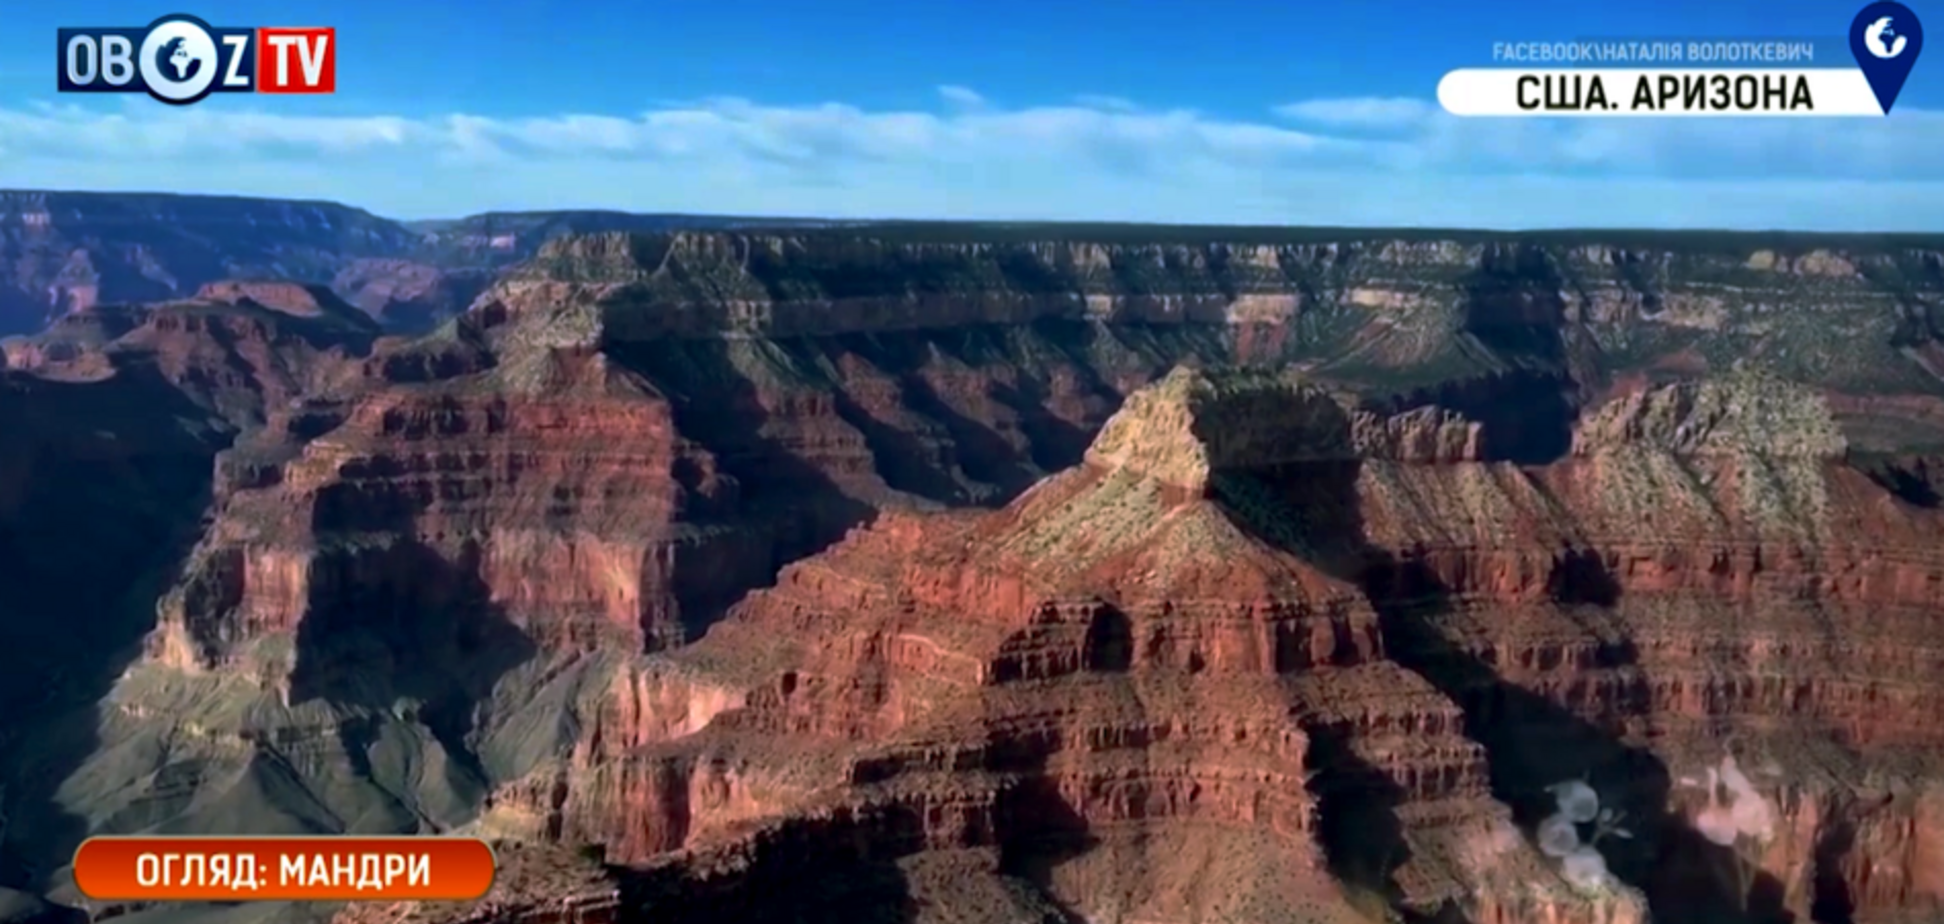 Огляд: Аризона – найсонячніше місце на планеті